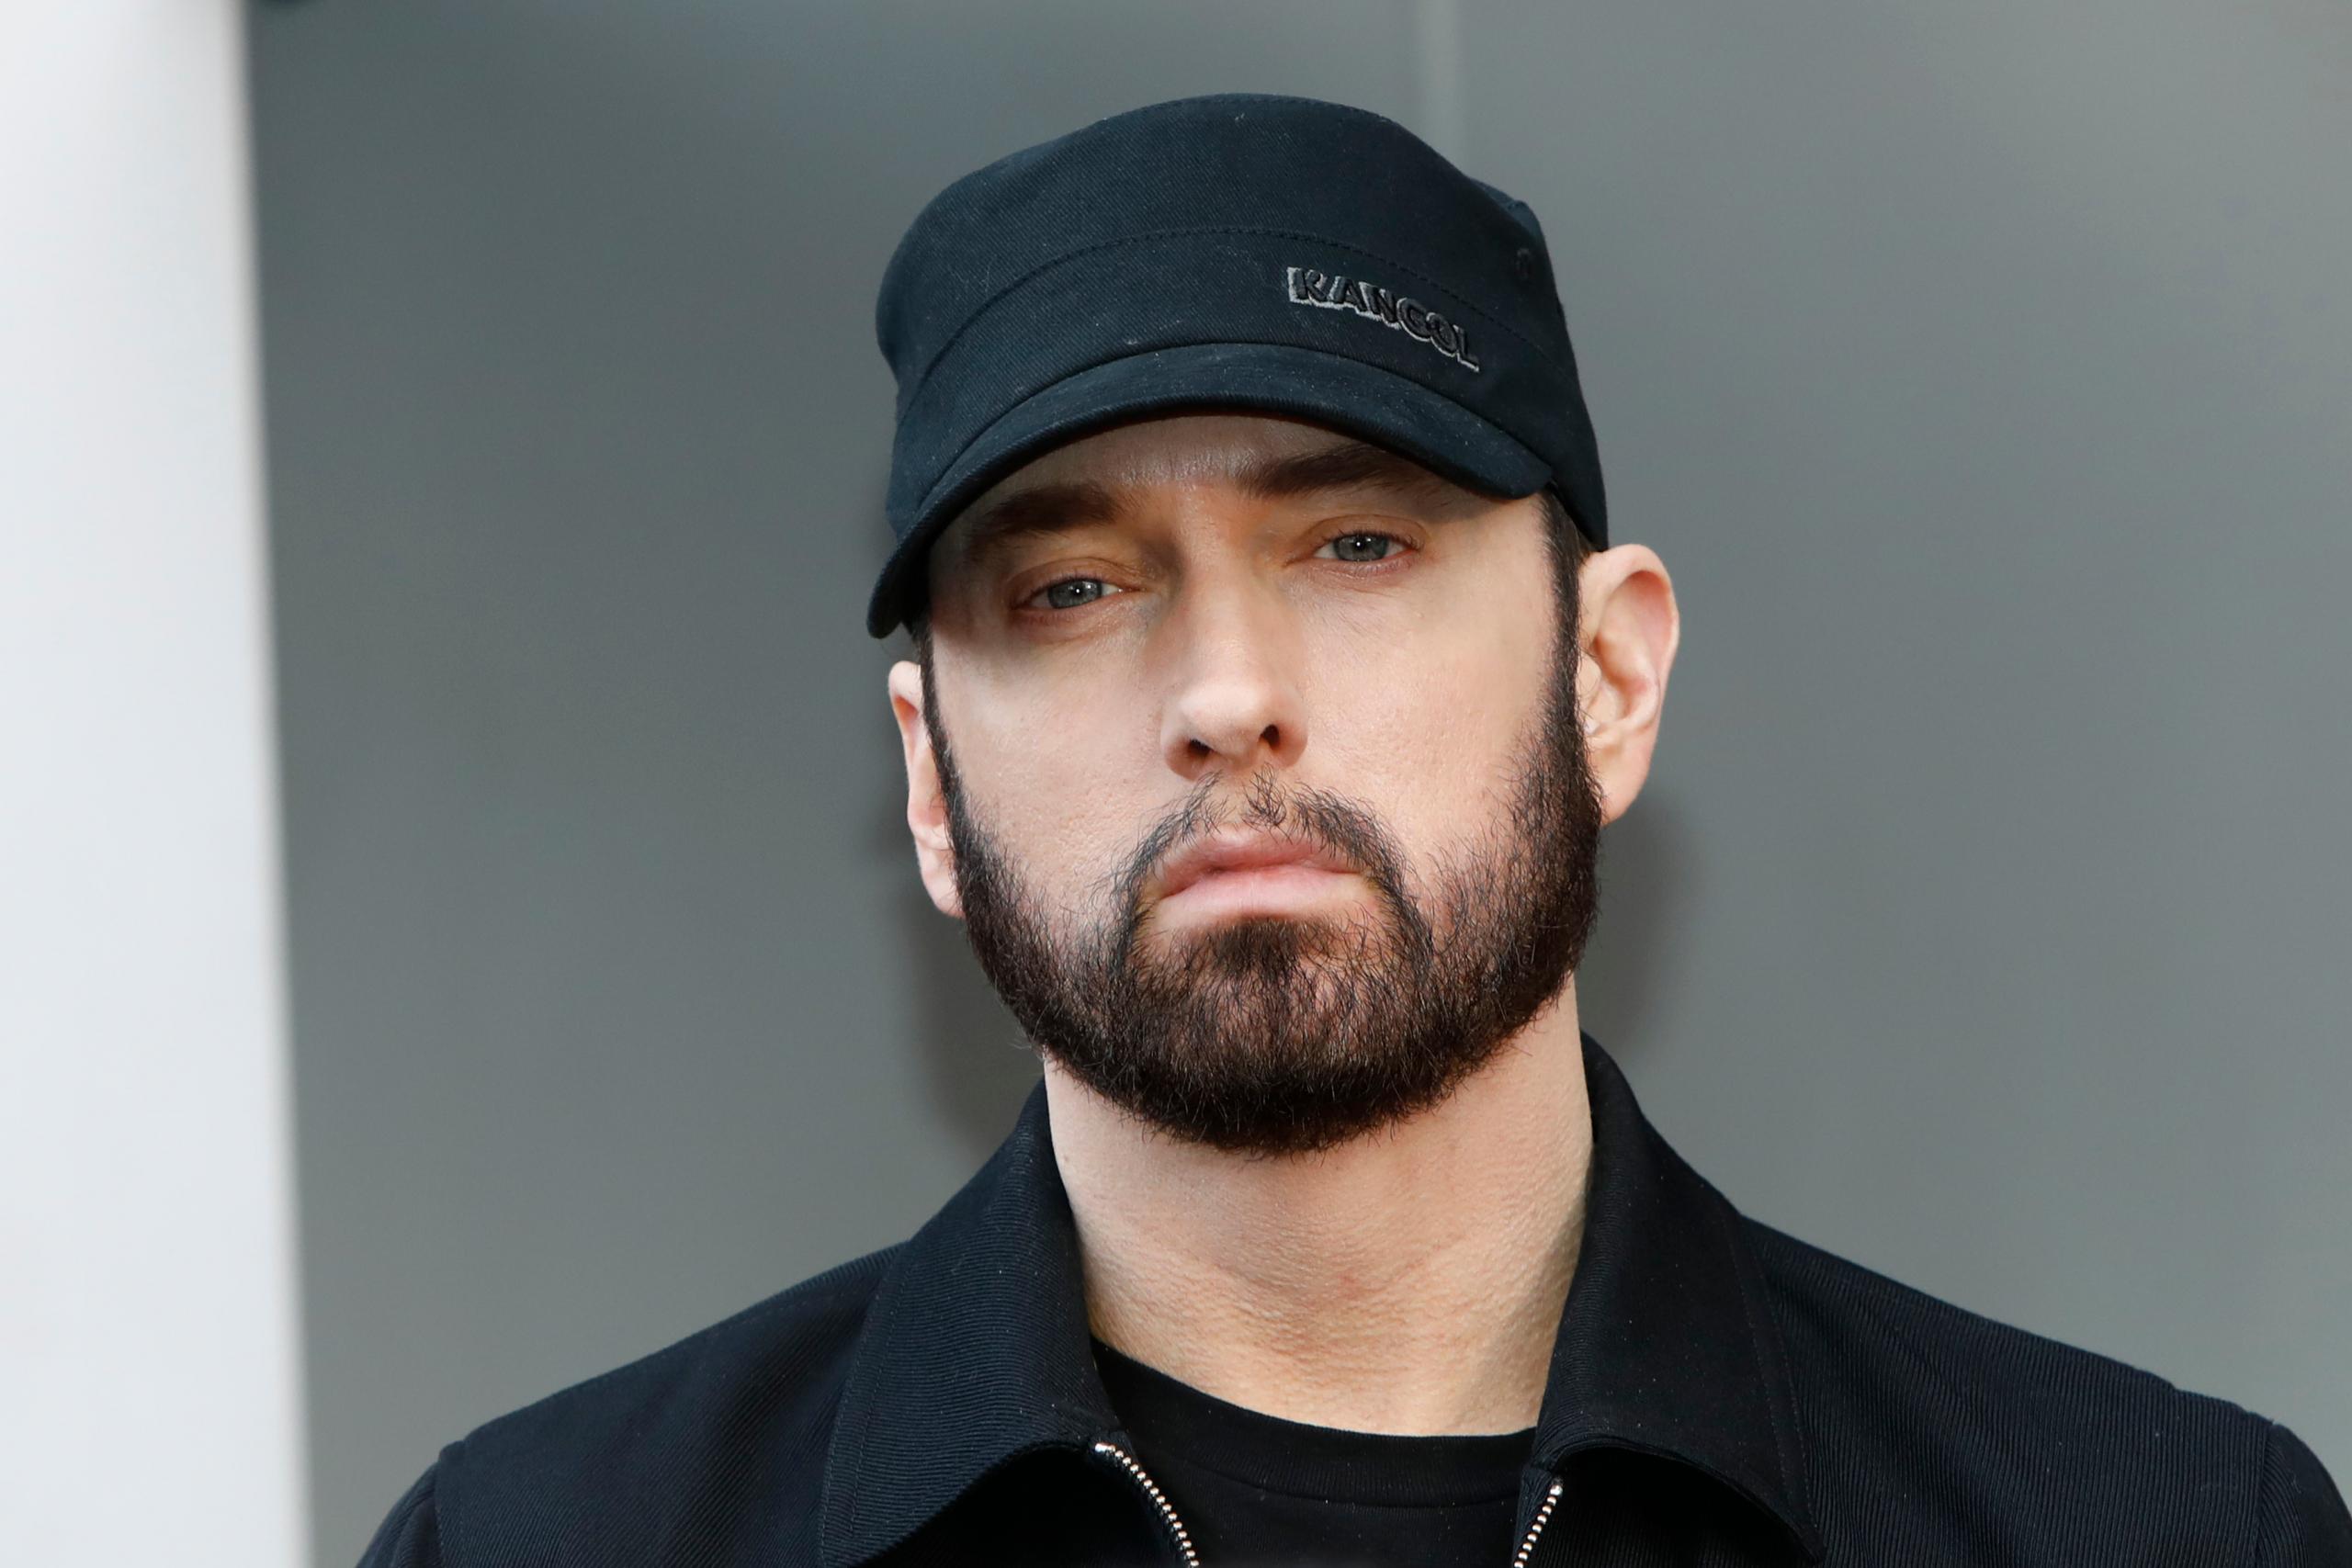 Eminem Mural In Detroit Gets Defaced!